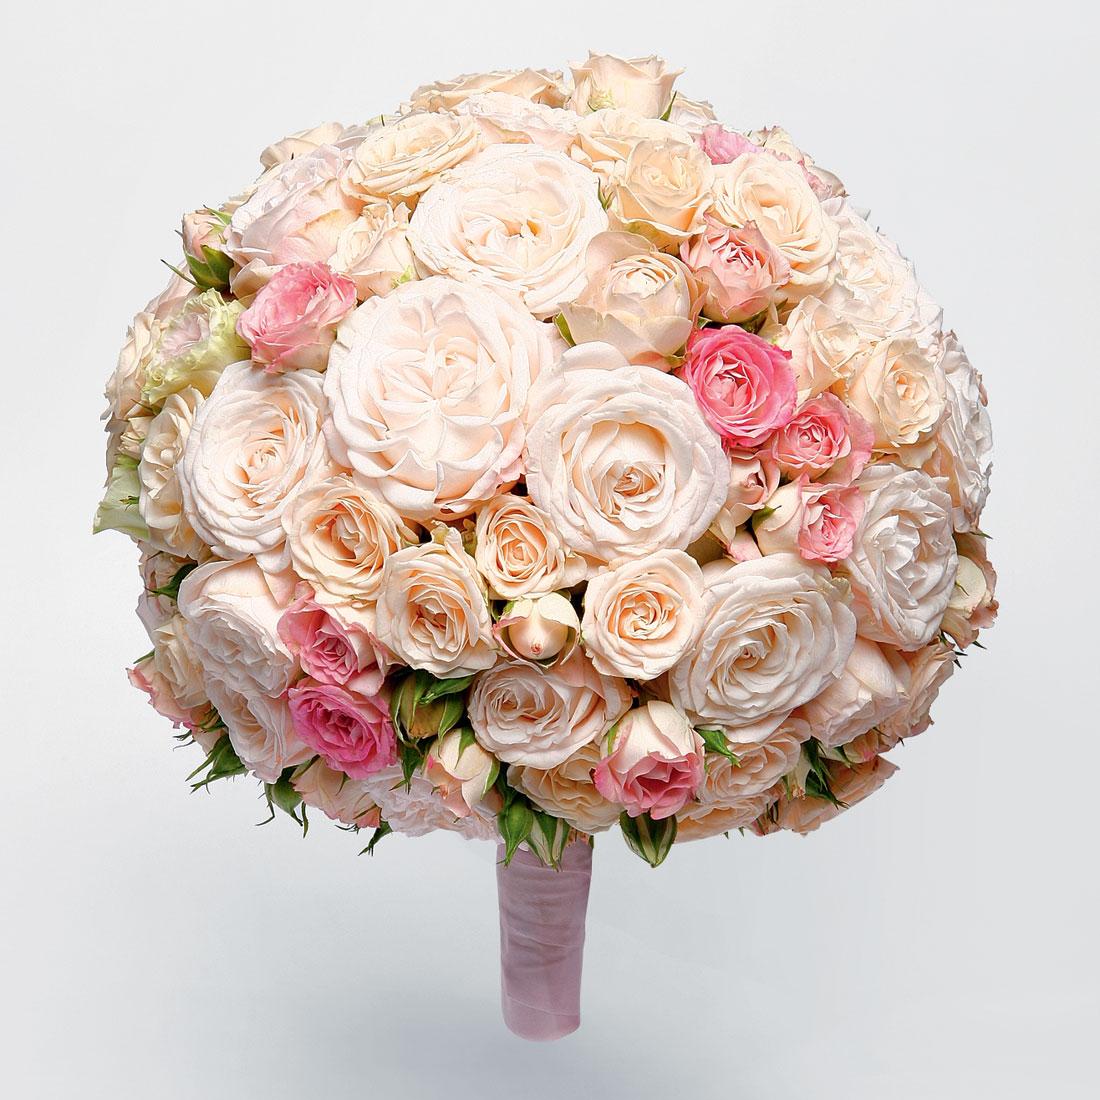 Картинки шикарные букеты цветов